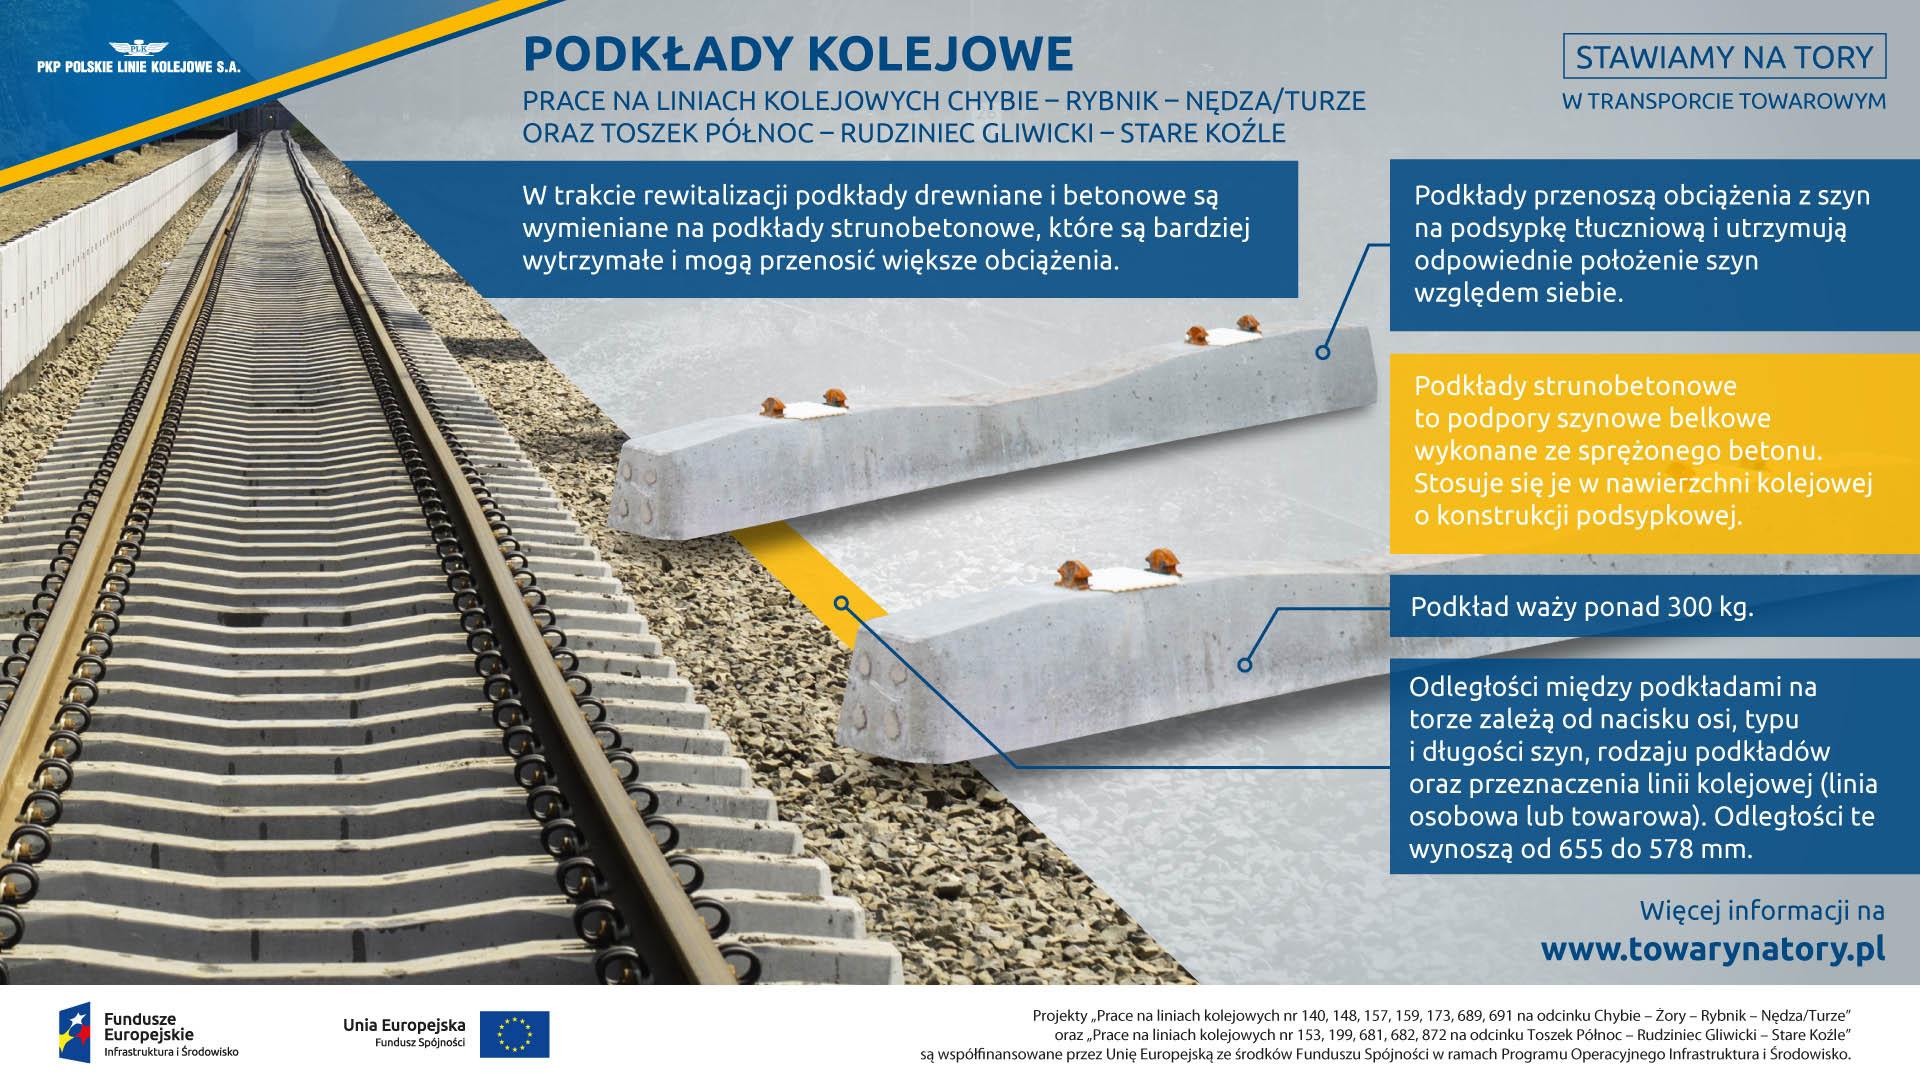 Infografika mówi o podkładach kolejowych. Na modernizowanym odcinku wymieniane są stare drewniane na nowe strunobetonowe. Są one wytrzymalsze i mogą przenosić większe obciążenie.